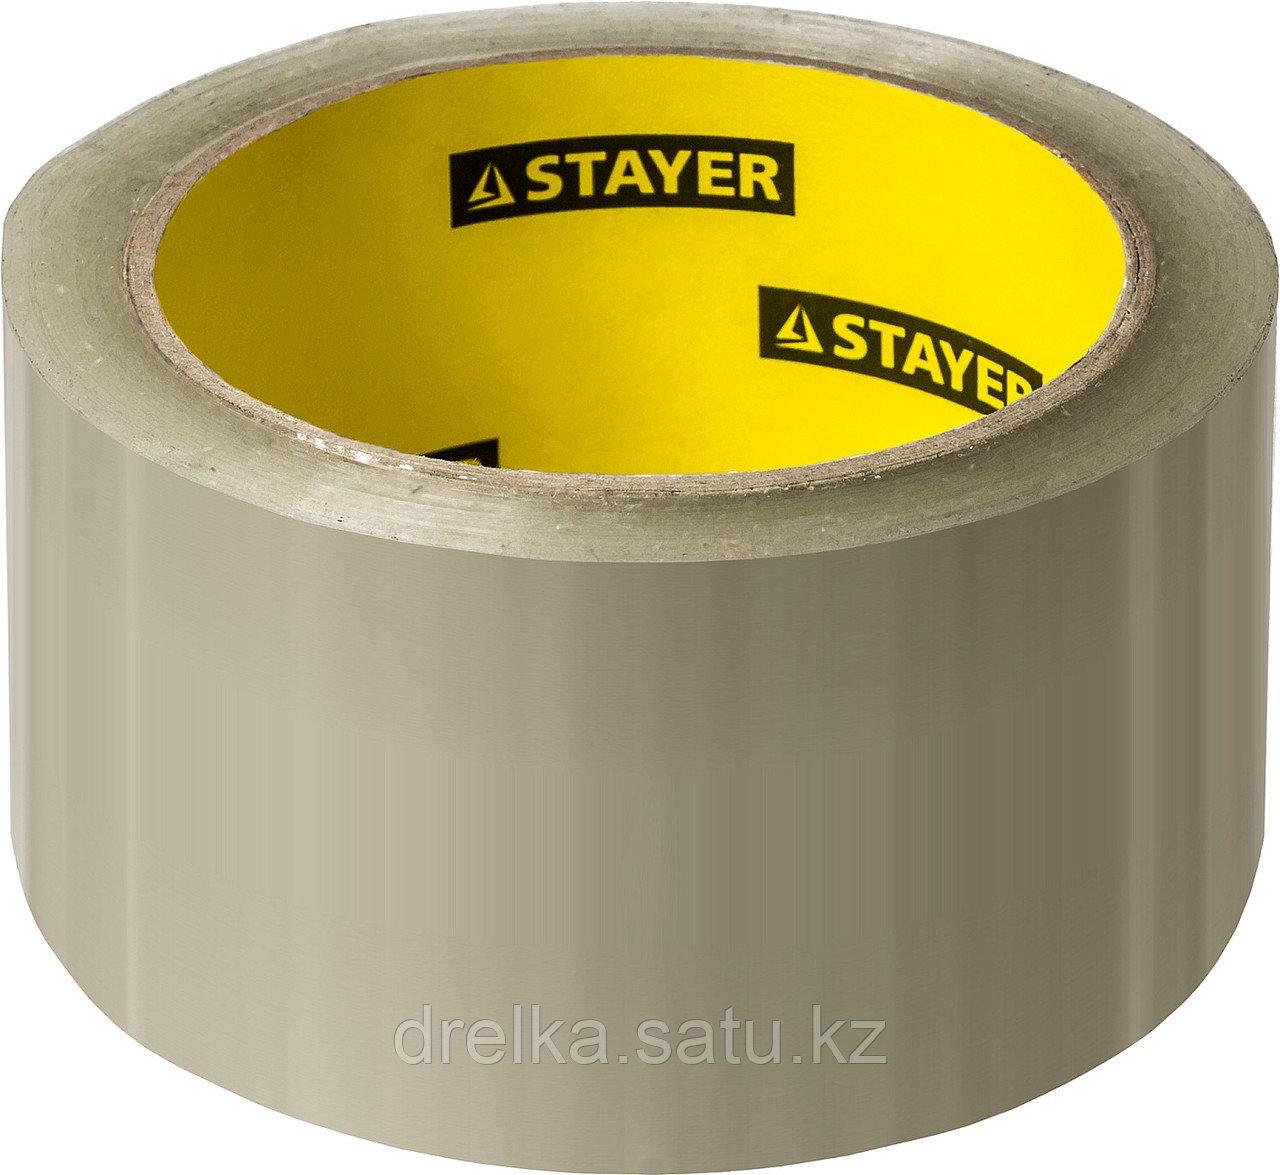 Клейкая лента, STAYER Max Tape 1204-50, прозрачная, 48мм х 60м